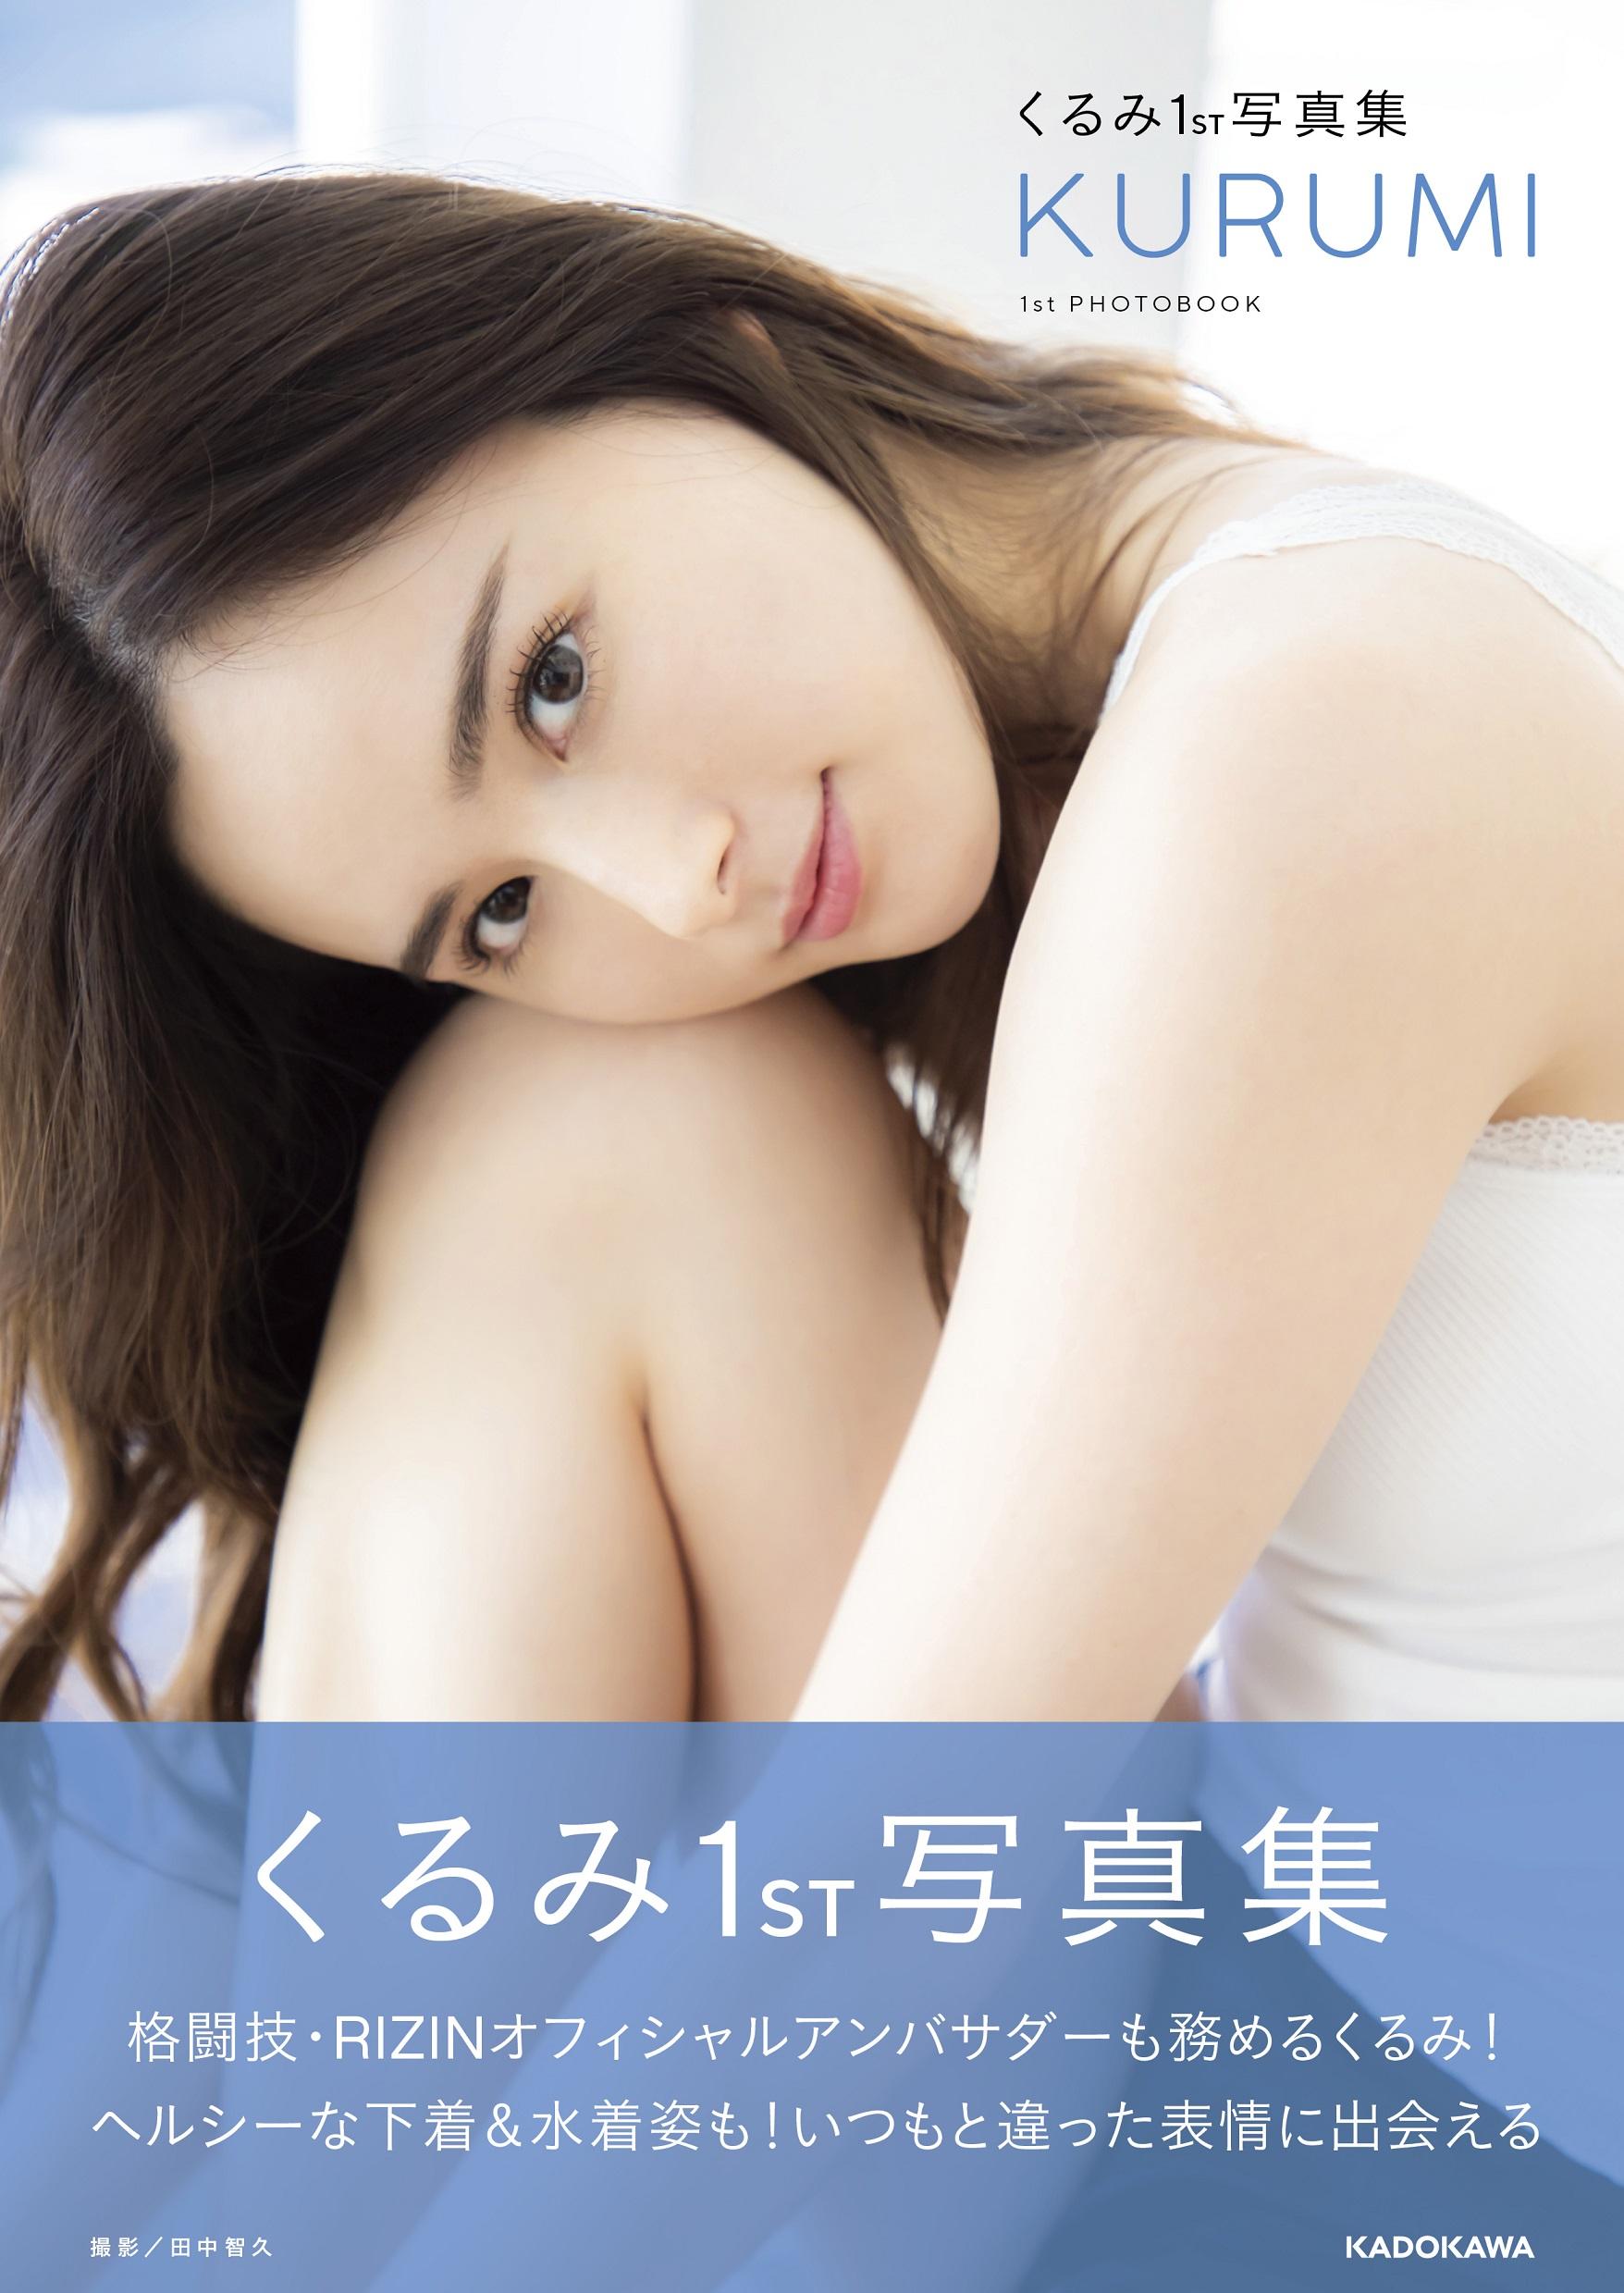 (C)KADOKAWA  (C)Image   PHOTO/TANAKA TOMOHISA